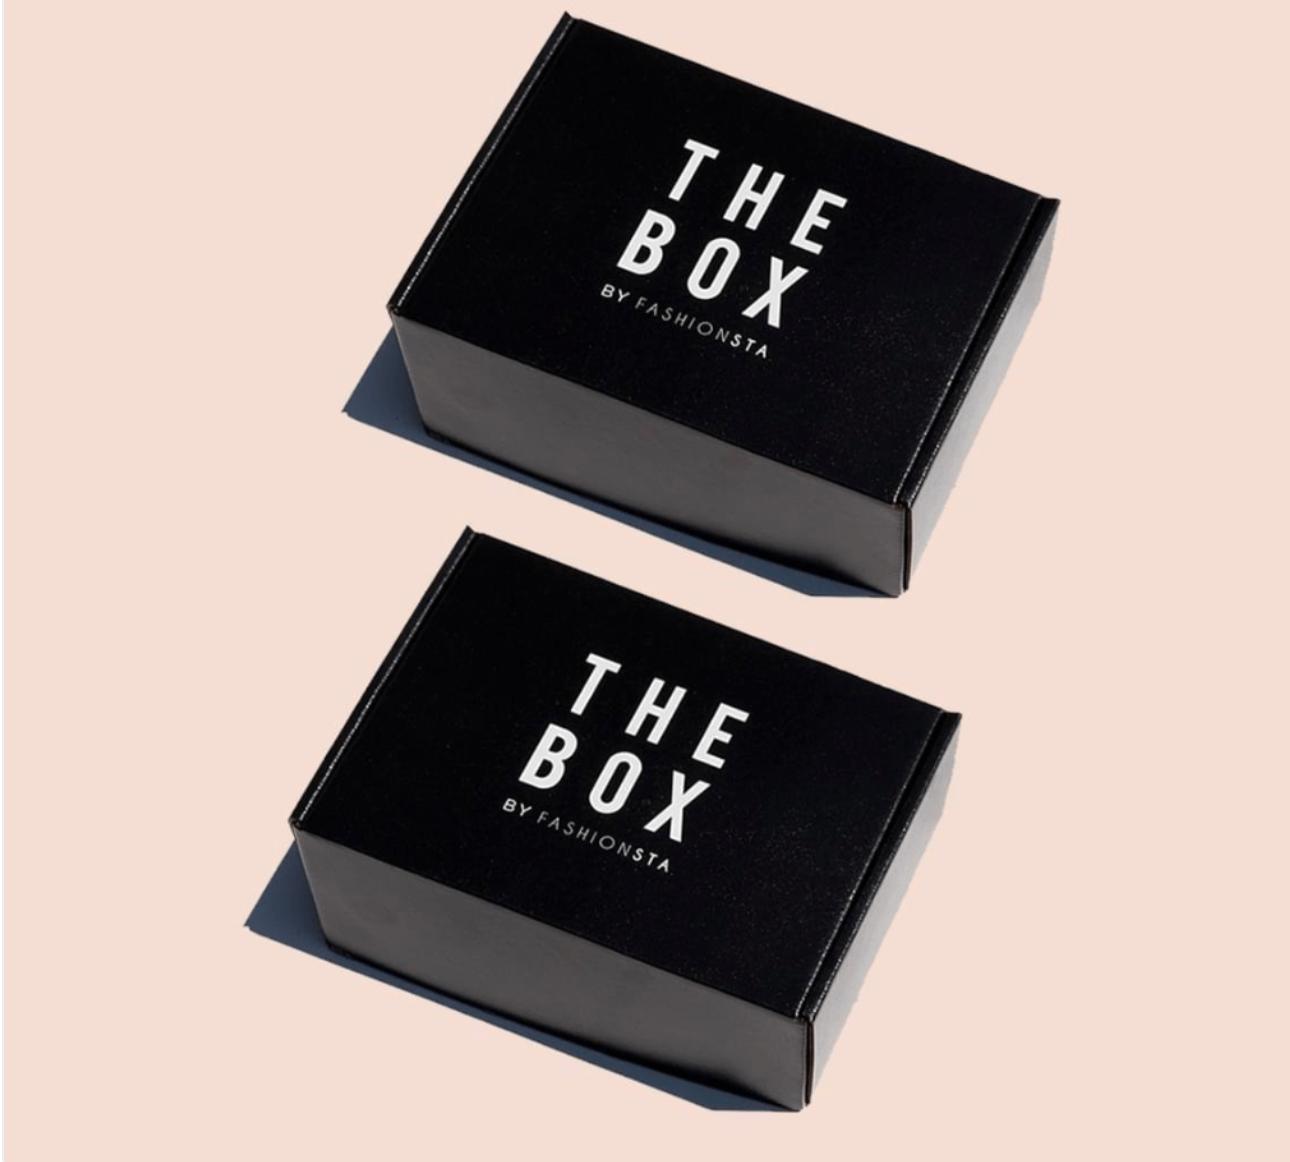 The Box By Fashionsta April 2021 Spoiler #3